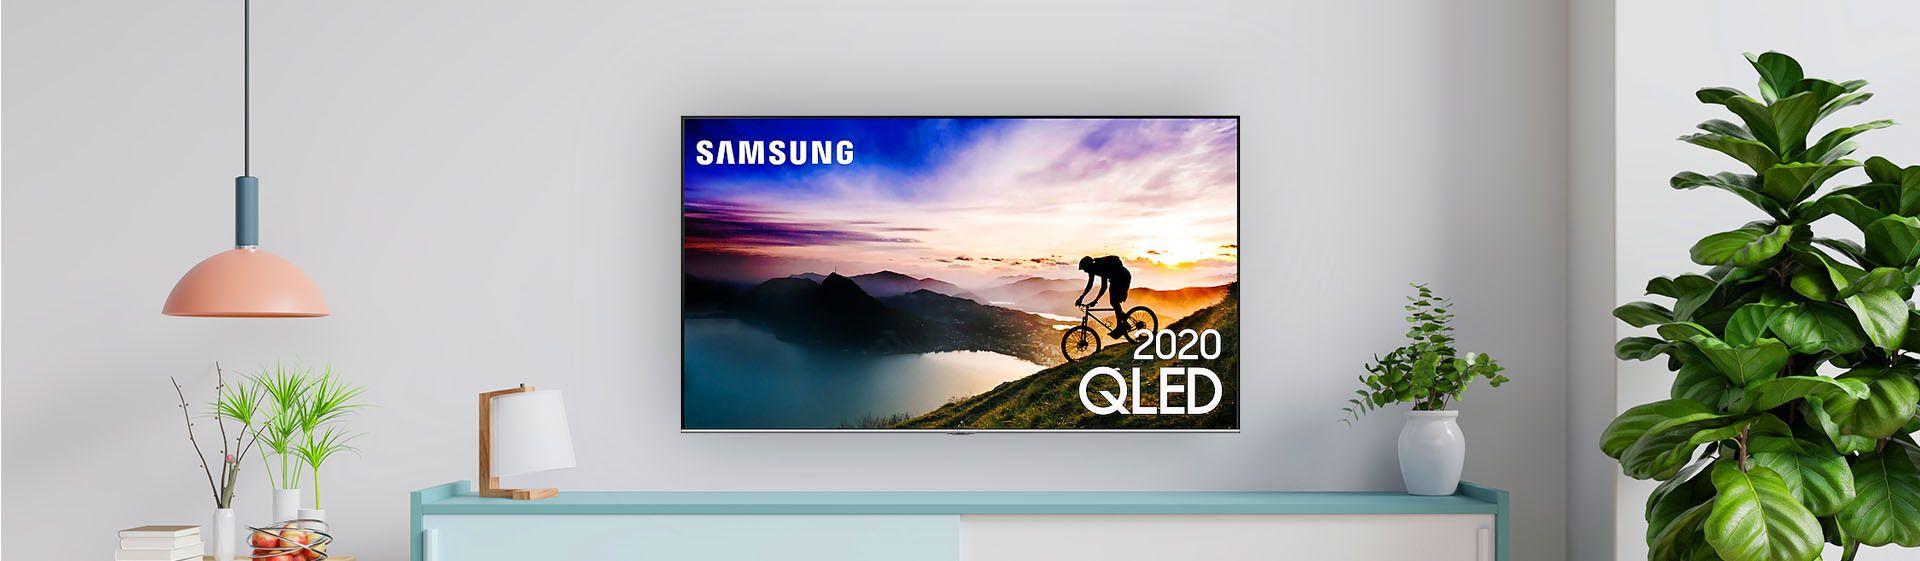 Samsung Q70T: TV 4K da marca tem Modo Game e frequência de 120Hz